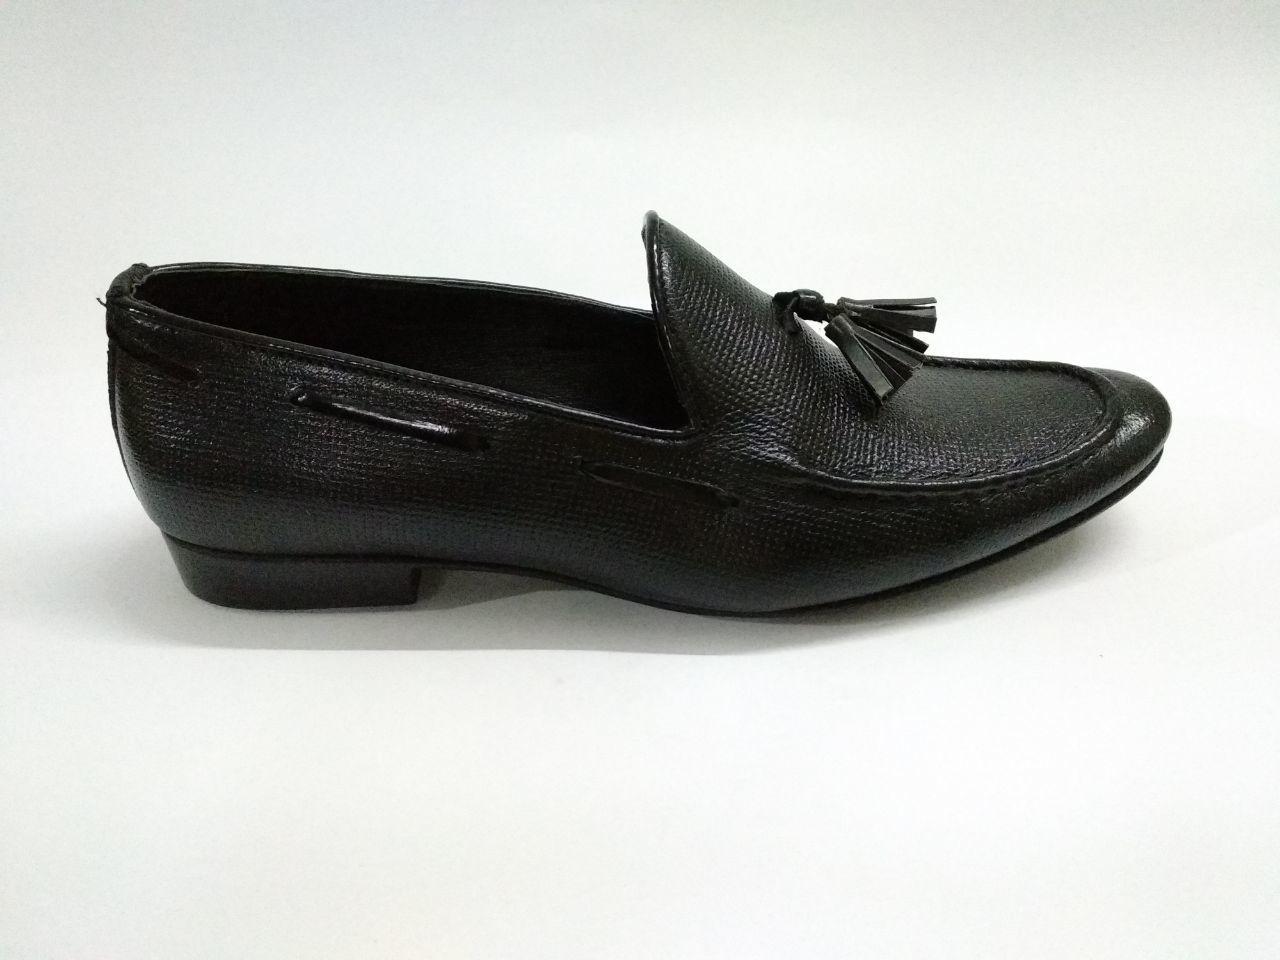 designer leather shoes forMen's